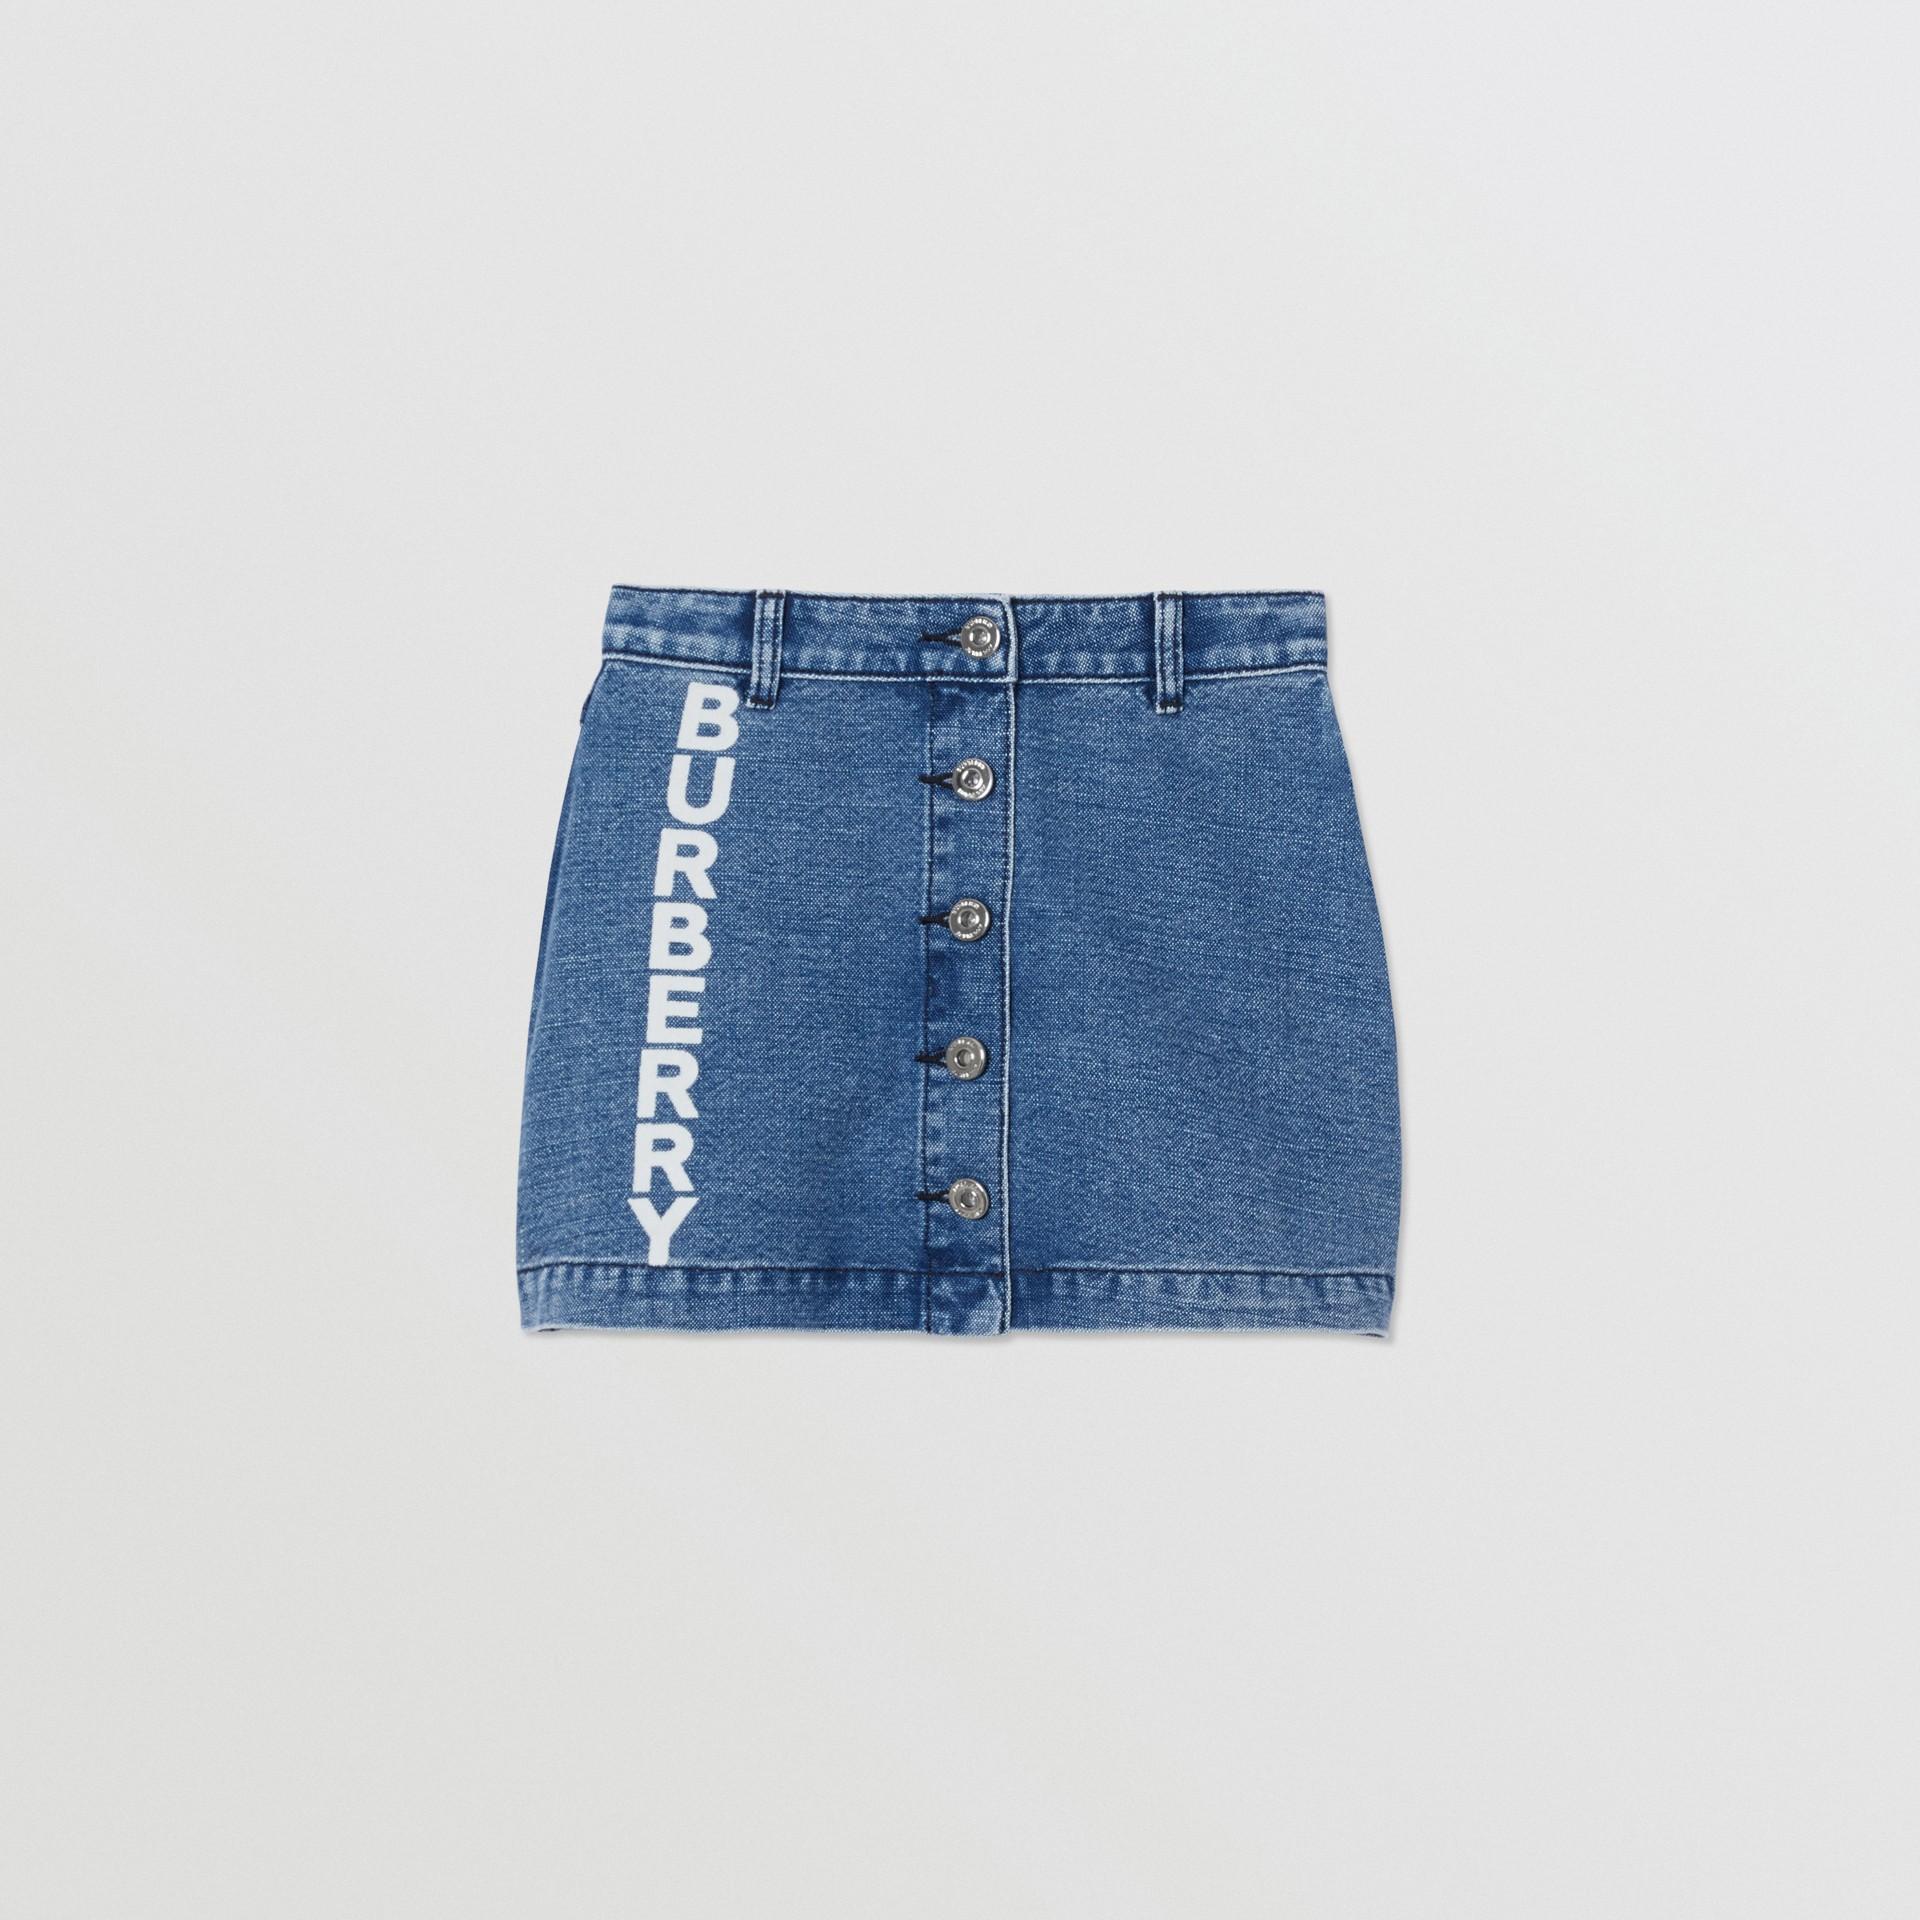 Saia de tecido jeans japonês com estampa de logotipo (Índigo) | Burberry - galeria de imagens 0